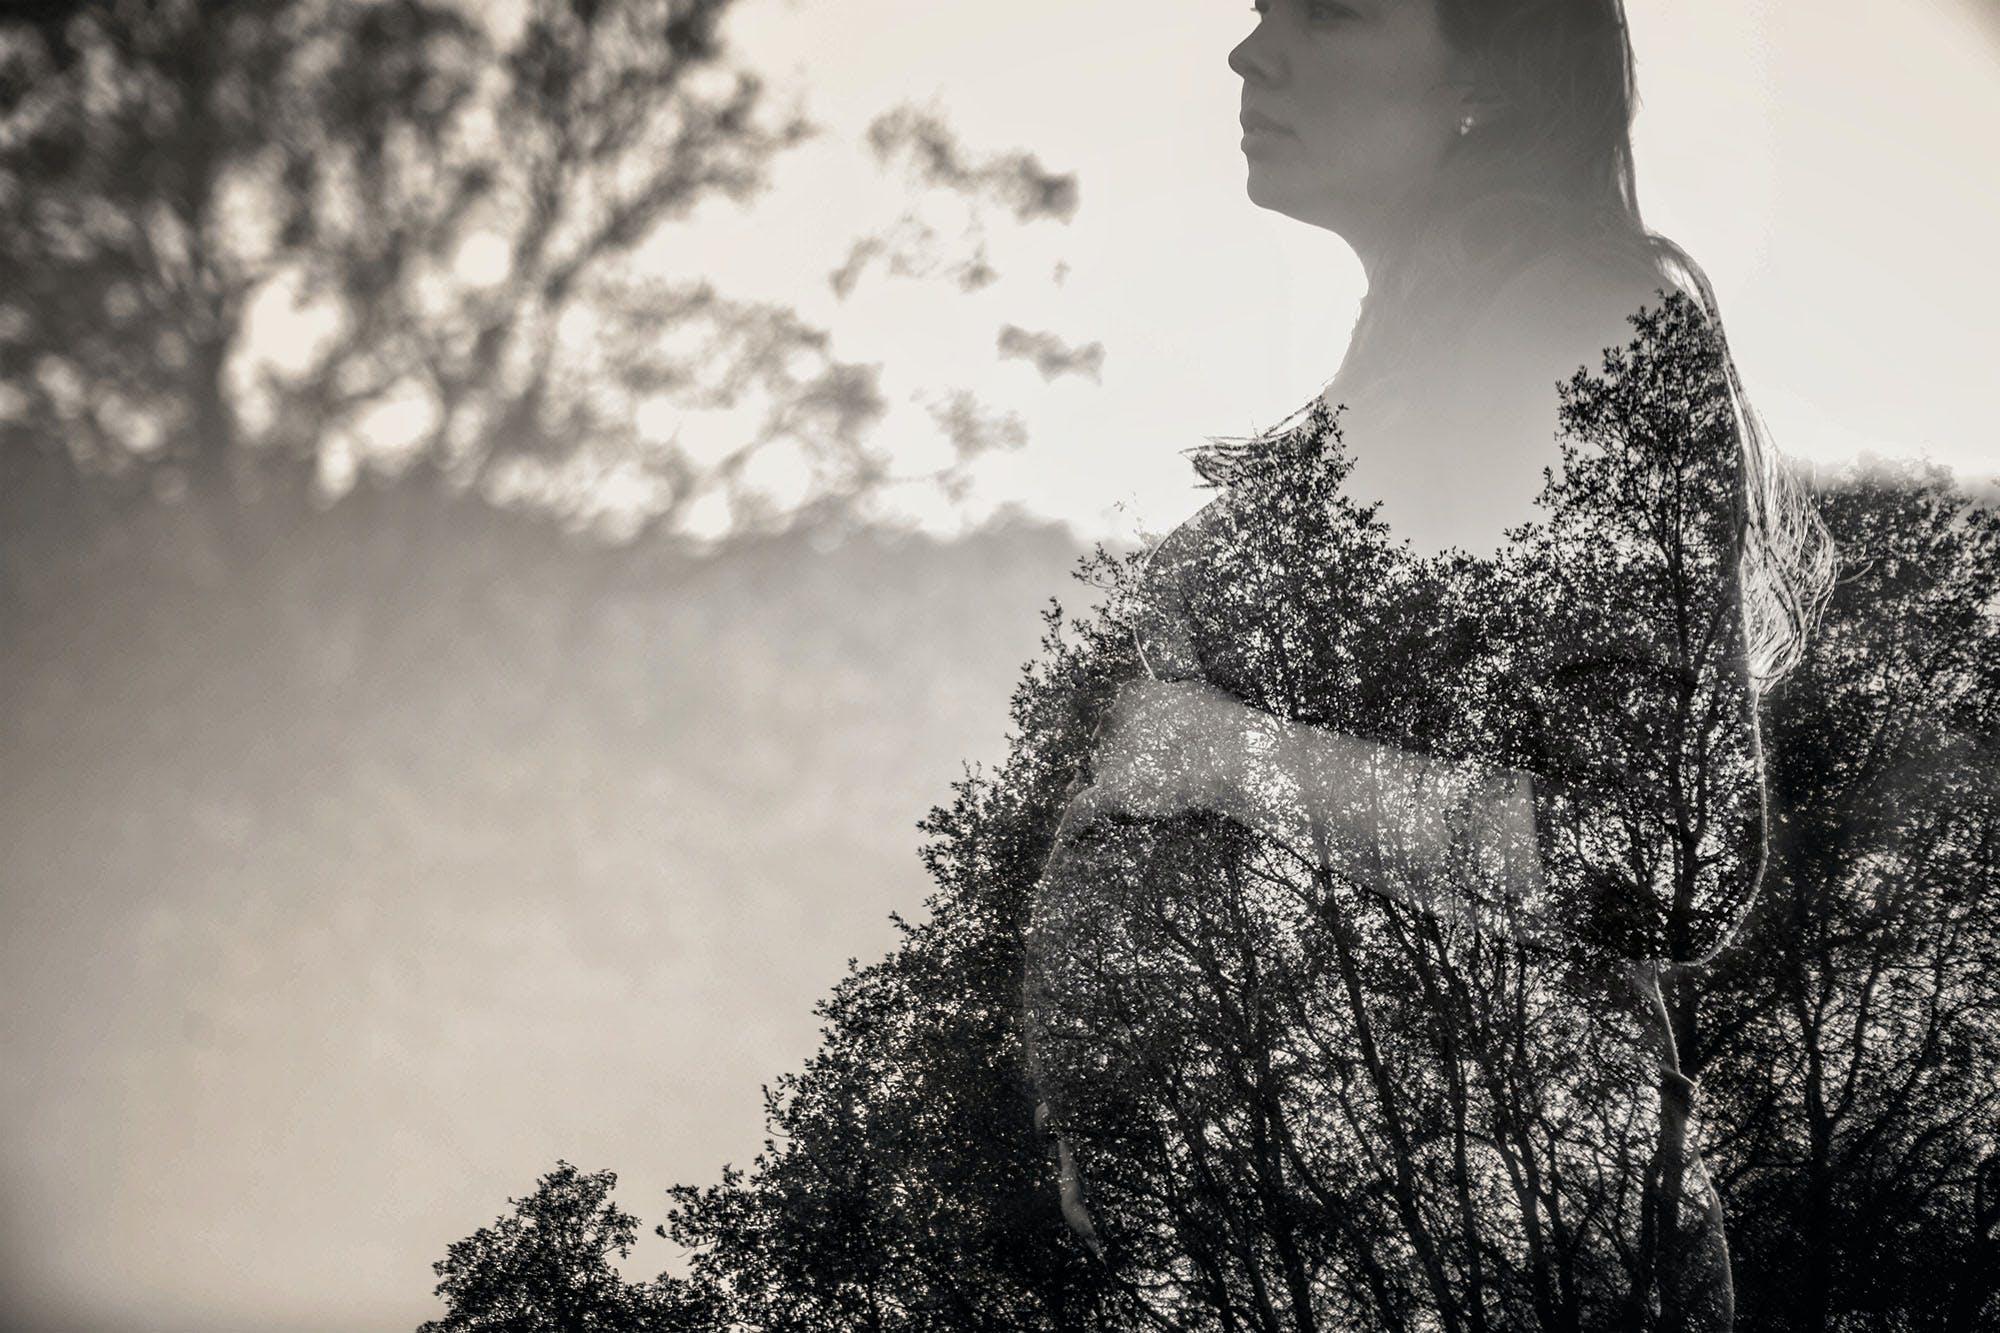 Безкоштовне стокове фото на тему «дерева, жінка, небо, подвійний вплив»